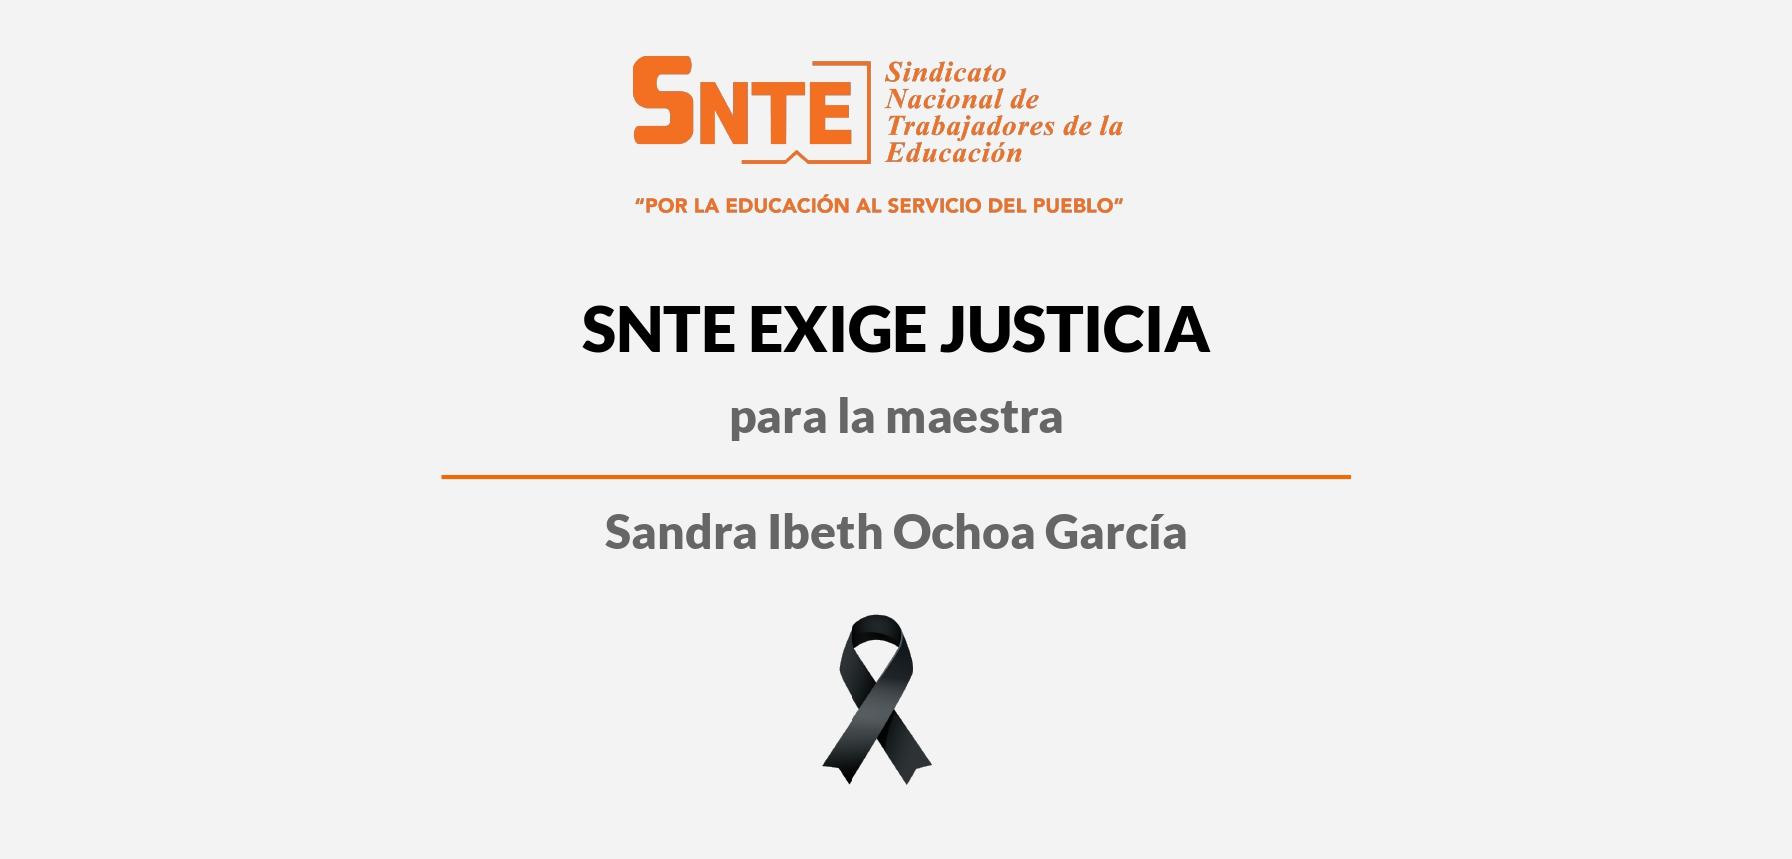 El SNTE exige justicia para la maestra Sandra Ibeth Ochoa García